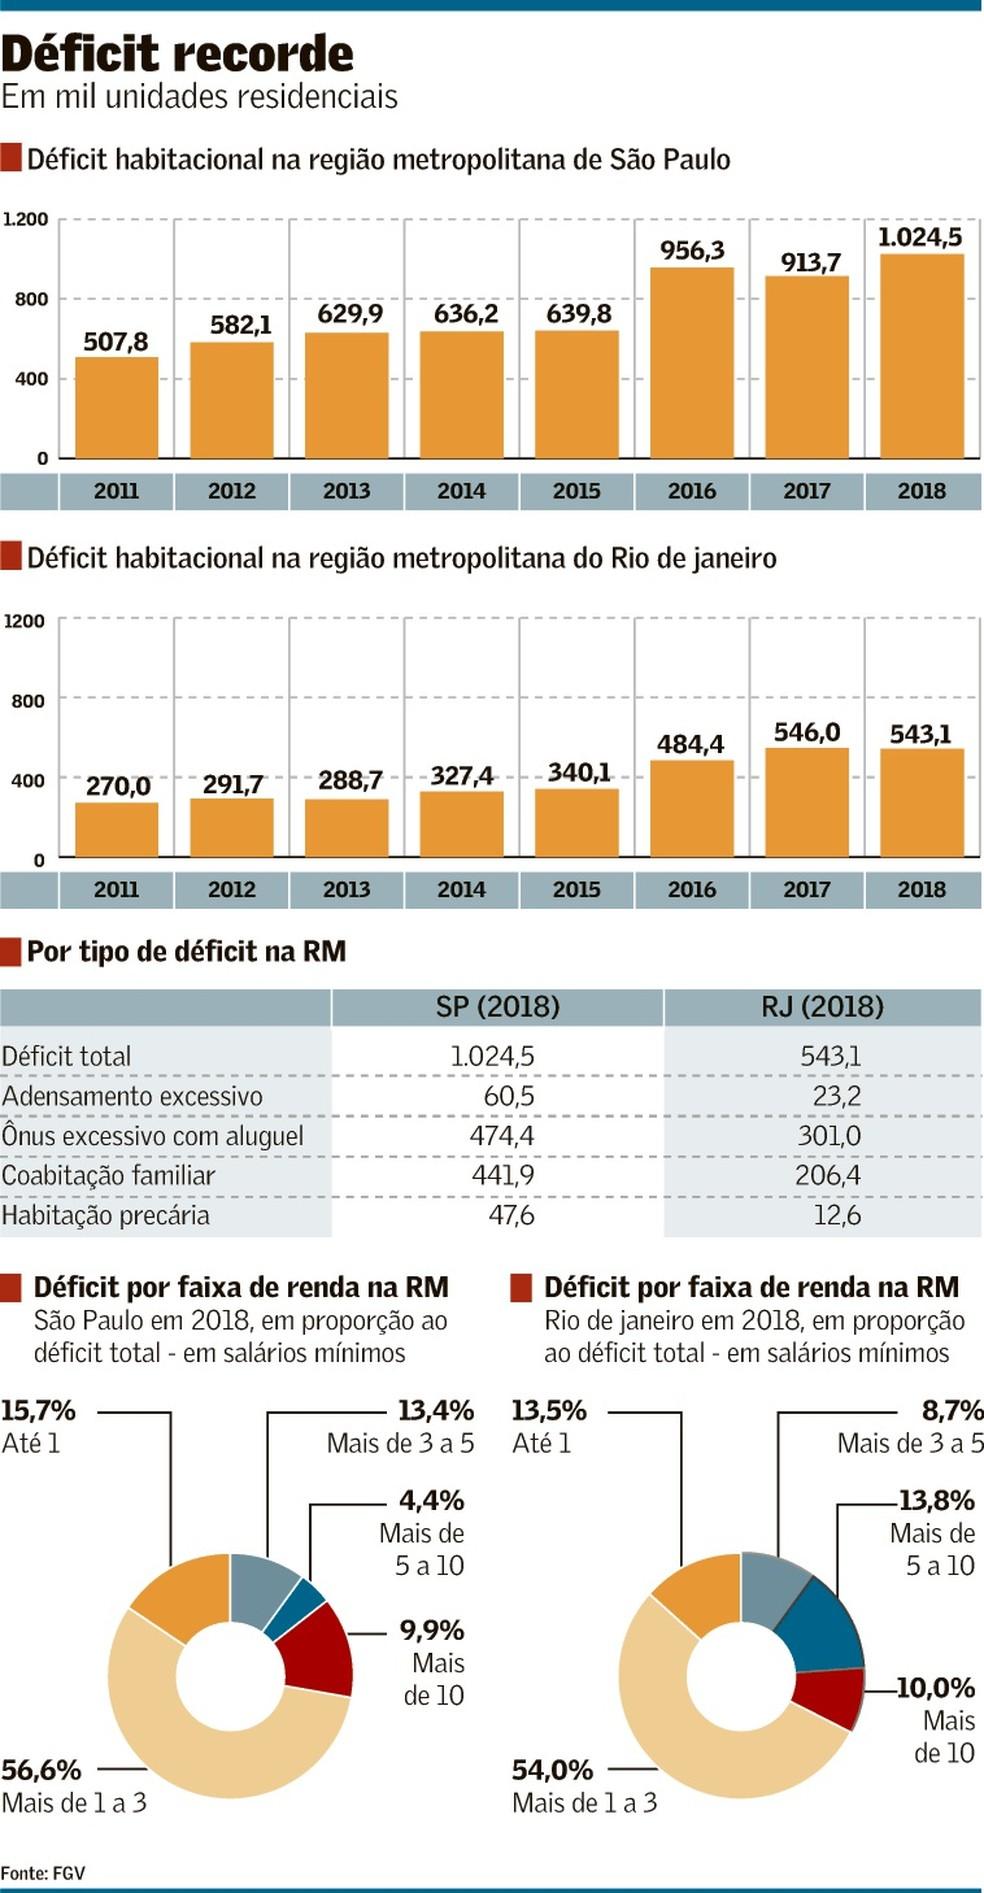 Déficit habitacional de 2011 a 2018 nas cidades de São Paulo e Rio de Janeiro.